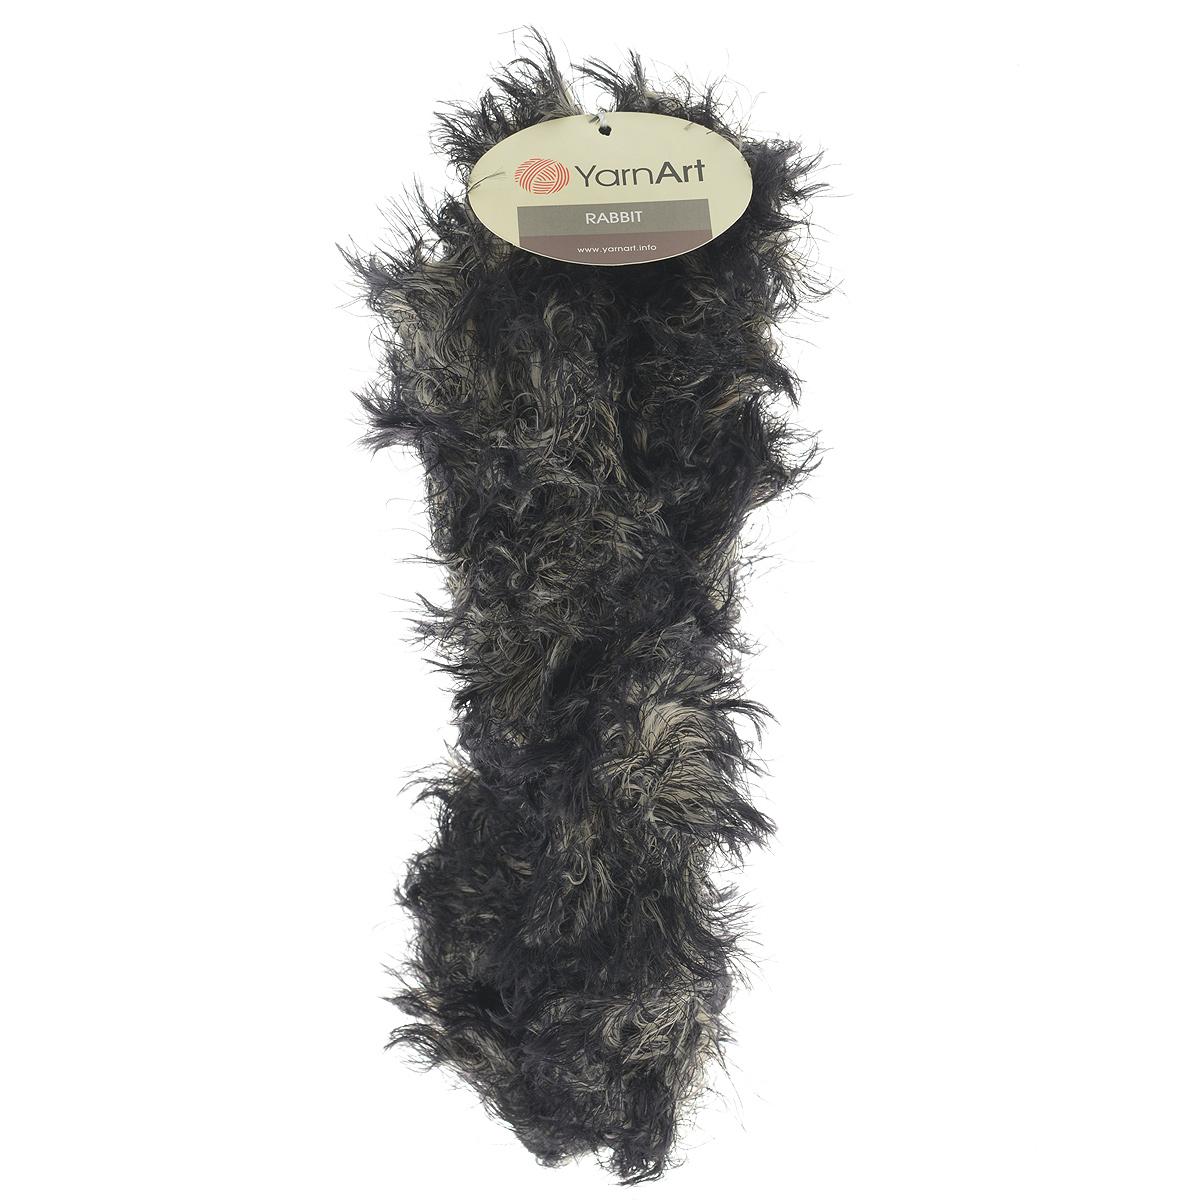 Пряжа для вязания YarnArt Rabbit, цвет: черный, бежевый (558), 90 м, 100 г, 4 шт693354_558Пряжа Rabbit - новинка, имитирующая мех кролика фантазийной окраски. Нить тонкая с длинным ворсом. Подходит в качестве отделки одежды, а также в качестве основной пряжи. Вязать лучше всего лицевой гладью, тогда изделие получится мягким и пушистым, как настоящий мех. Состав: 100% полиамид. Рекомендованные спицы и крючок № 6-6,5.